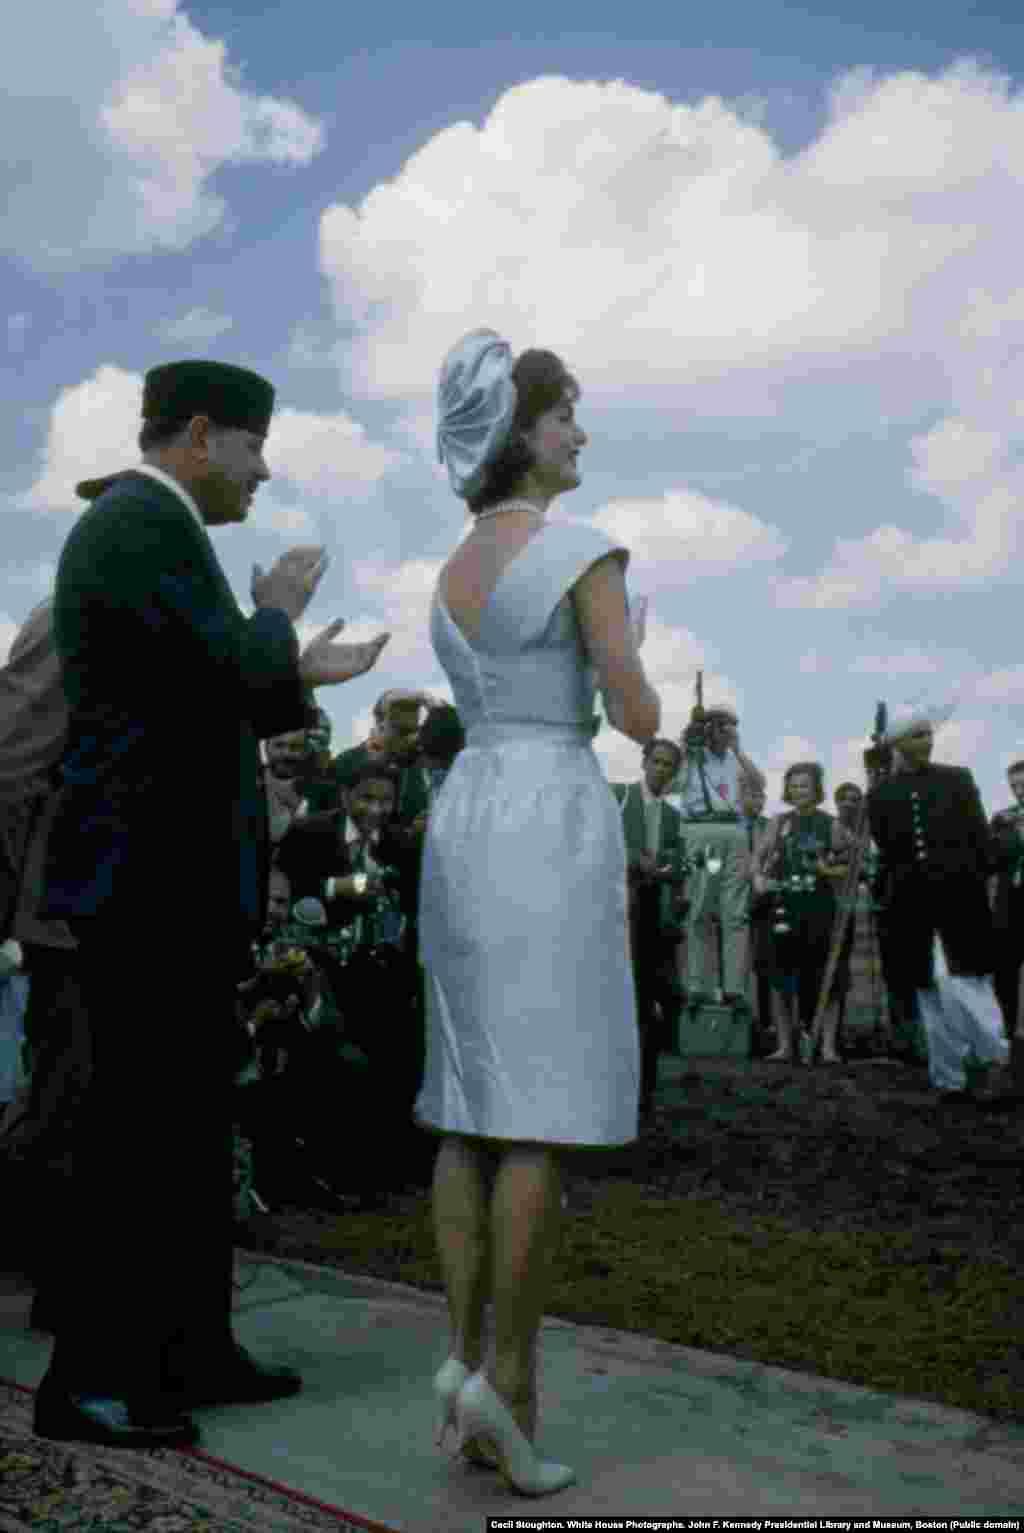 Жаклин Кеннеди и президент Пакистана Мохаммад Айюб Хан во время парада. Позже президент Пакистана подарит первой леди такую же традиционную меховую шапку, какая была на нем в день парада.